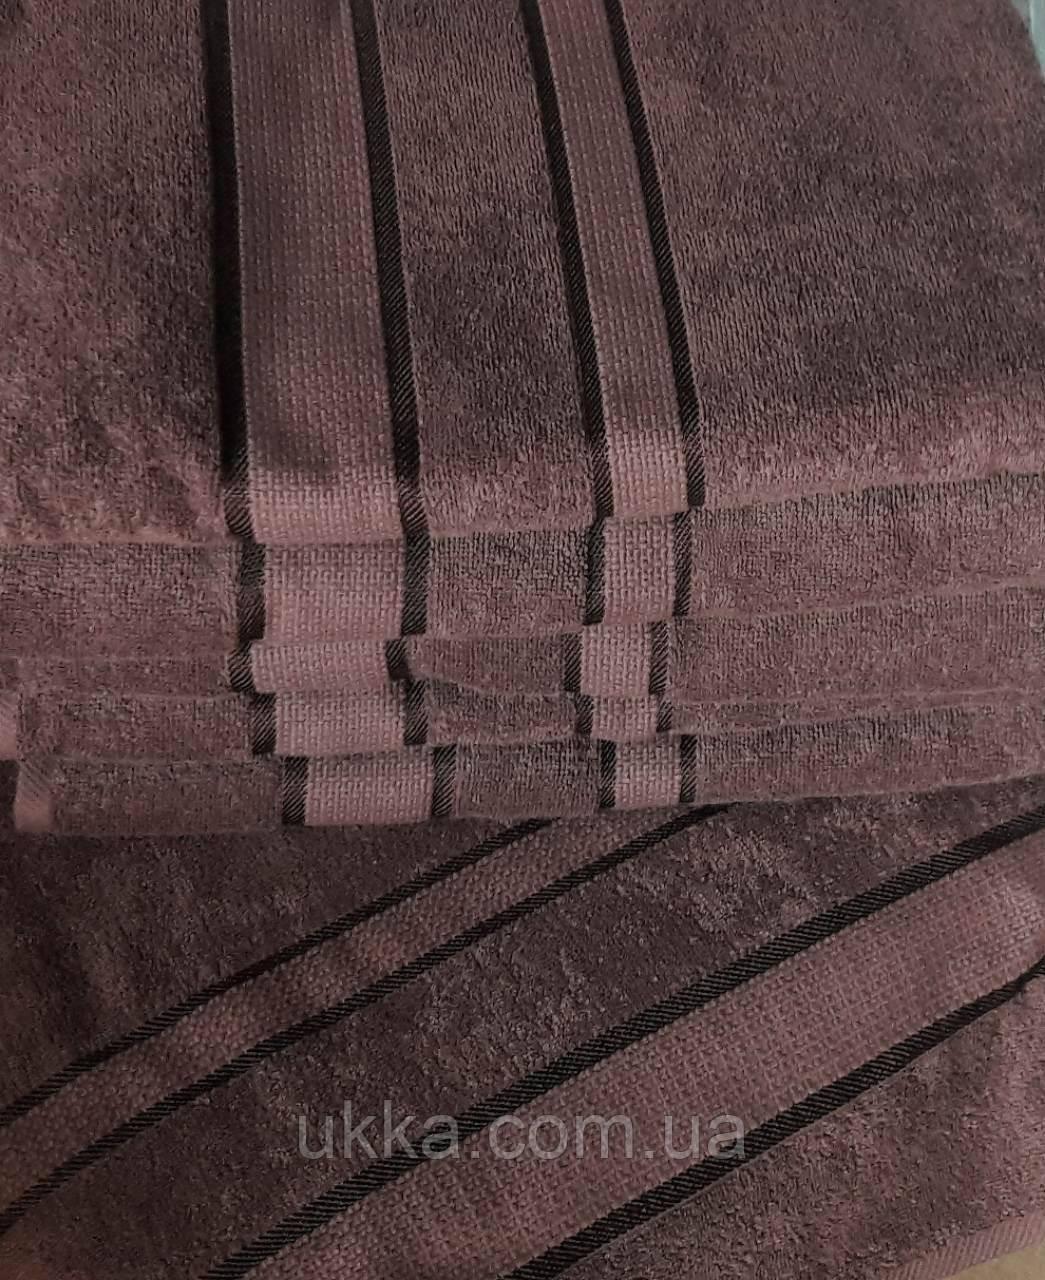 Махровое полотенце для лица 50х90 Капучино 100% хлопок Узбекистан